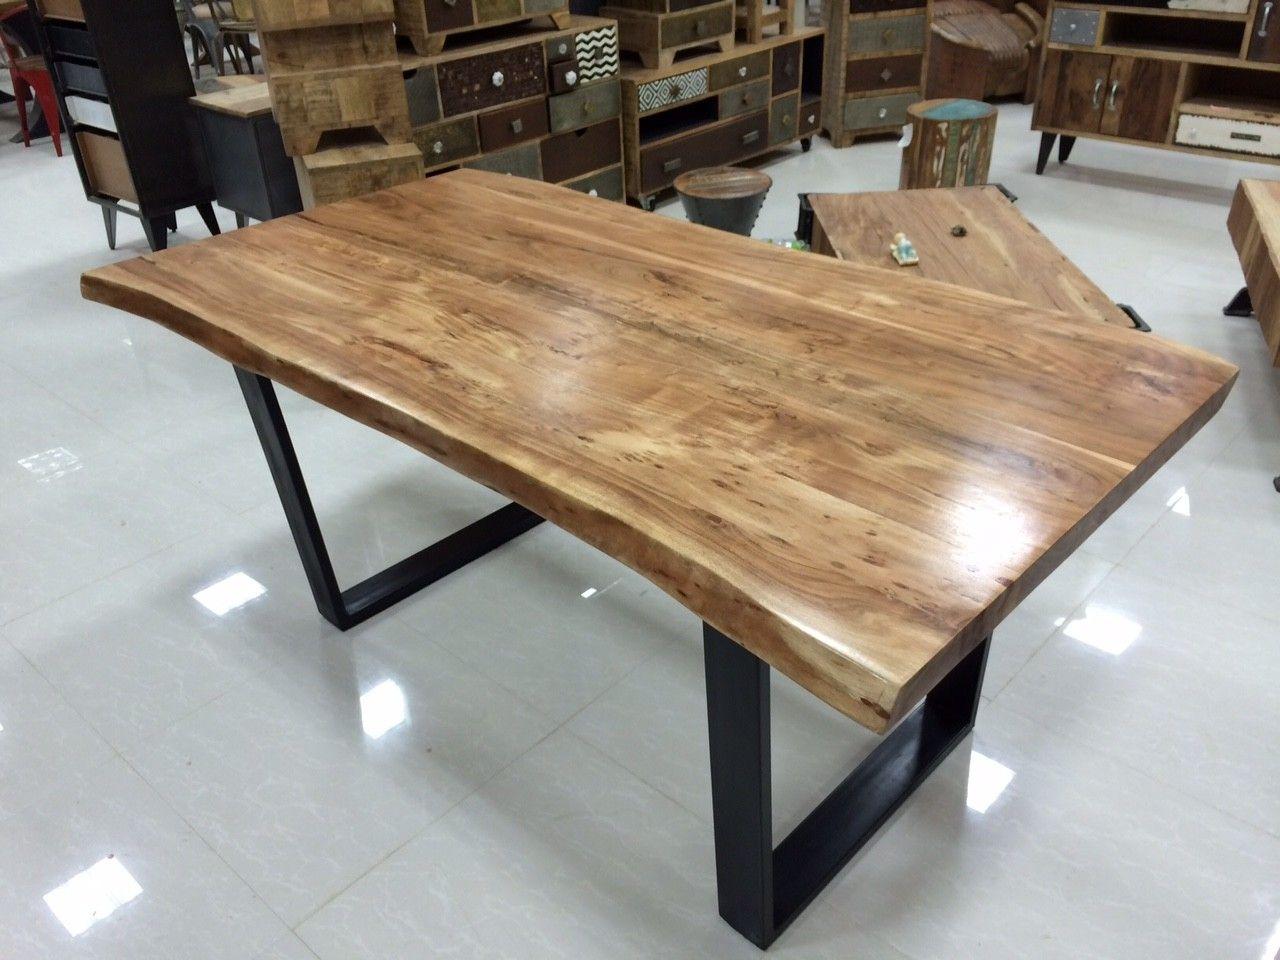 6 Foot Acacia Natural Wood Table Black U Shape Steel Legs Metal Dining Room Table Live Edge Wood Table Live